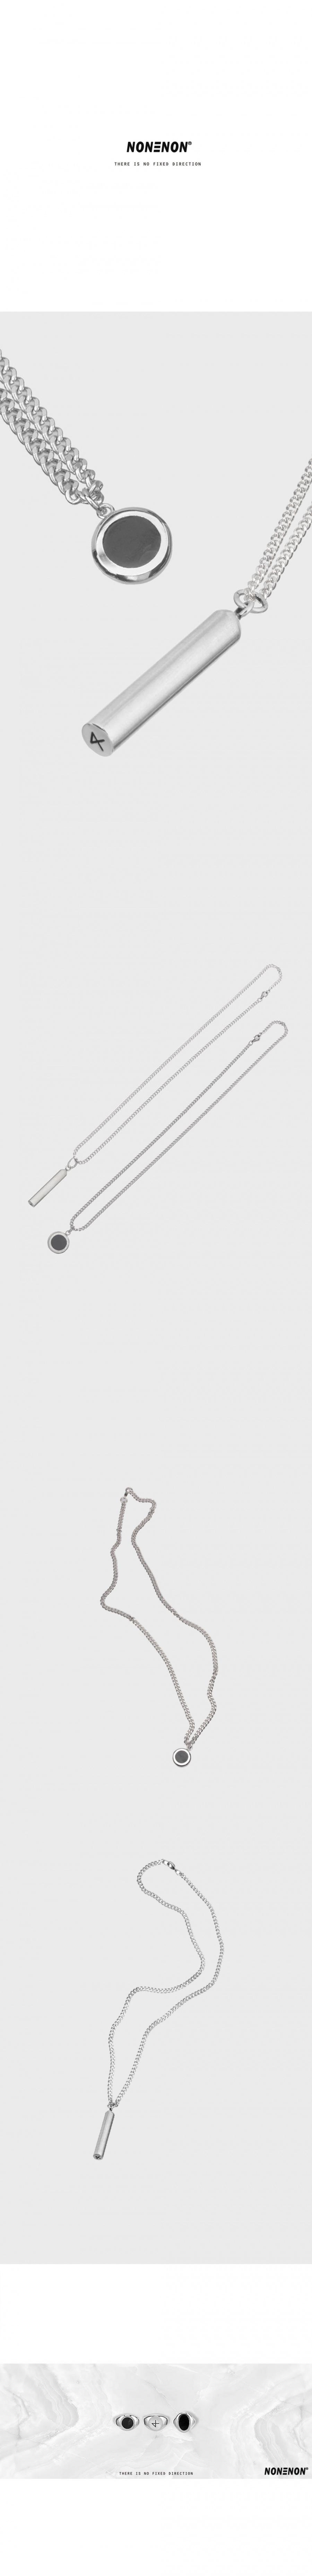 논논(NONENON) MAGIC CIRCLE NEC + BELL NEC